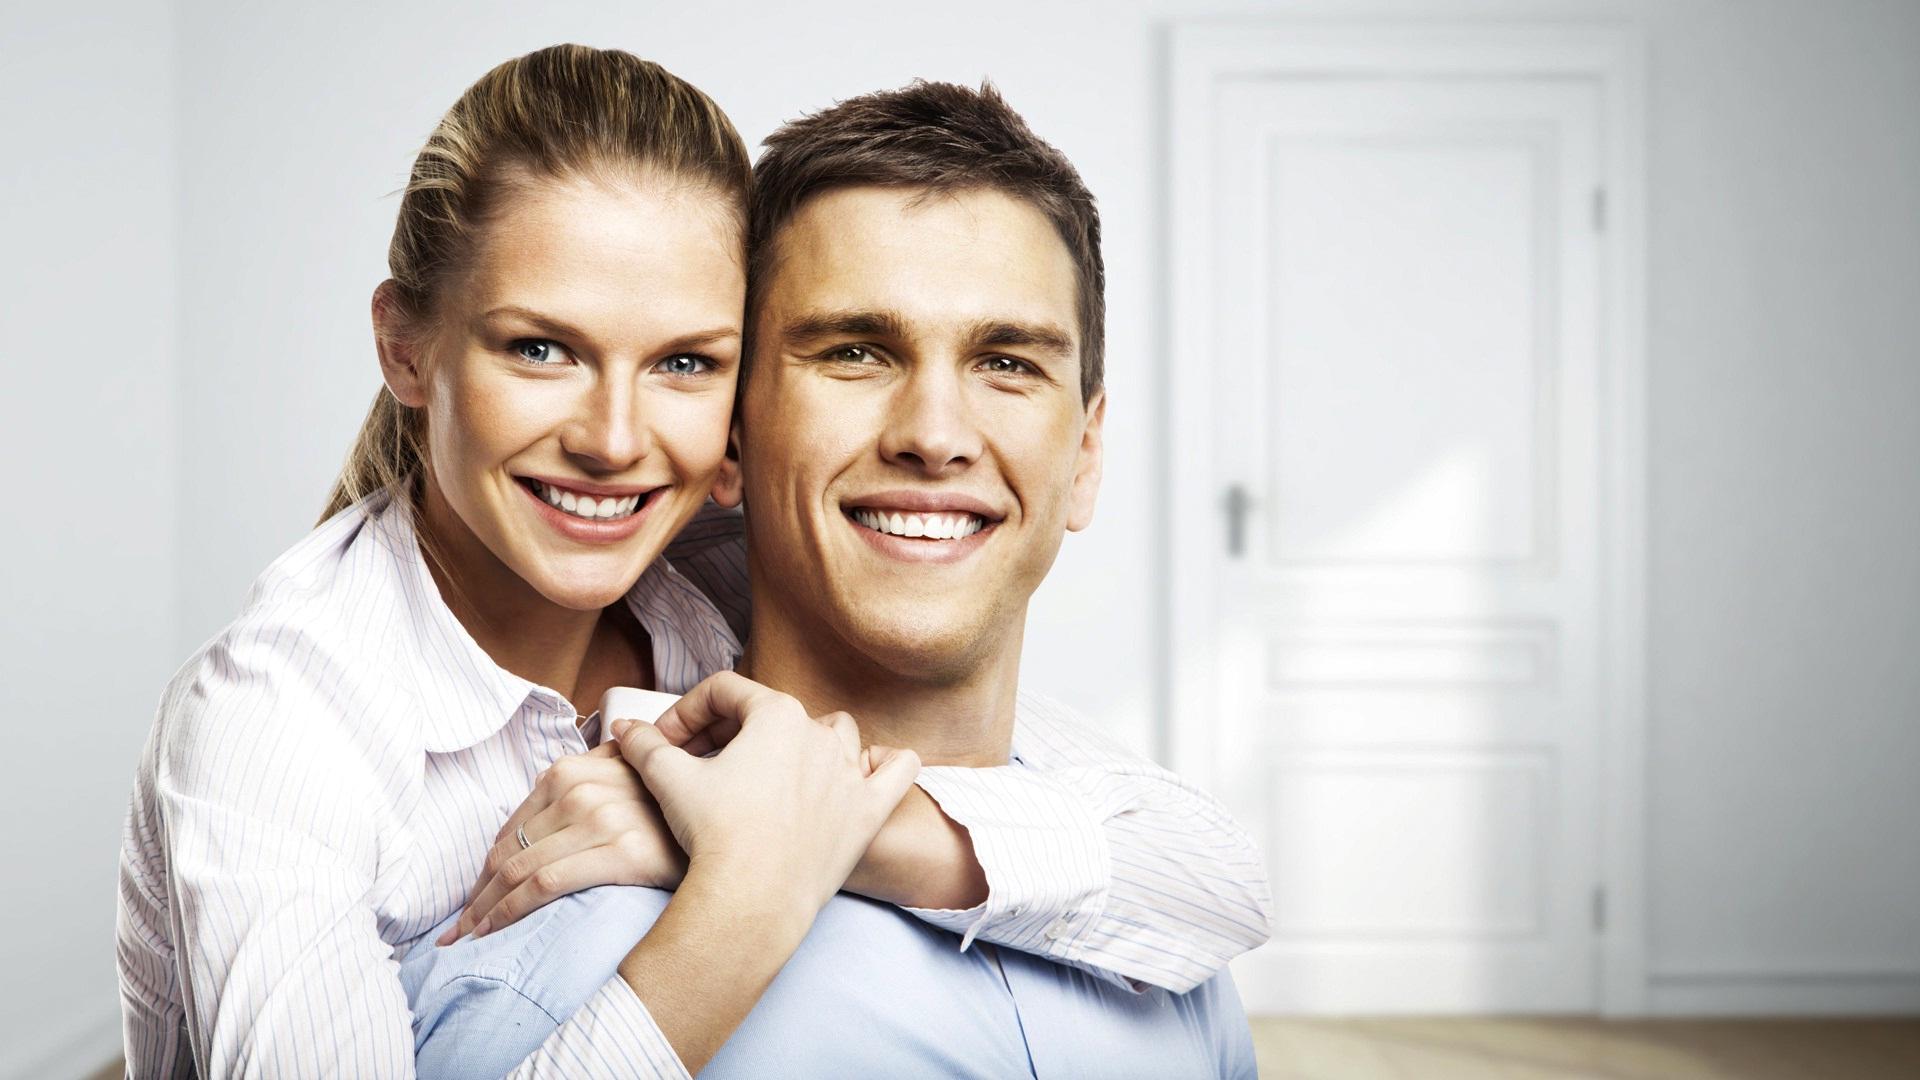 كيف تتعامل مع زوجتك اثناء الدورة الشهرية